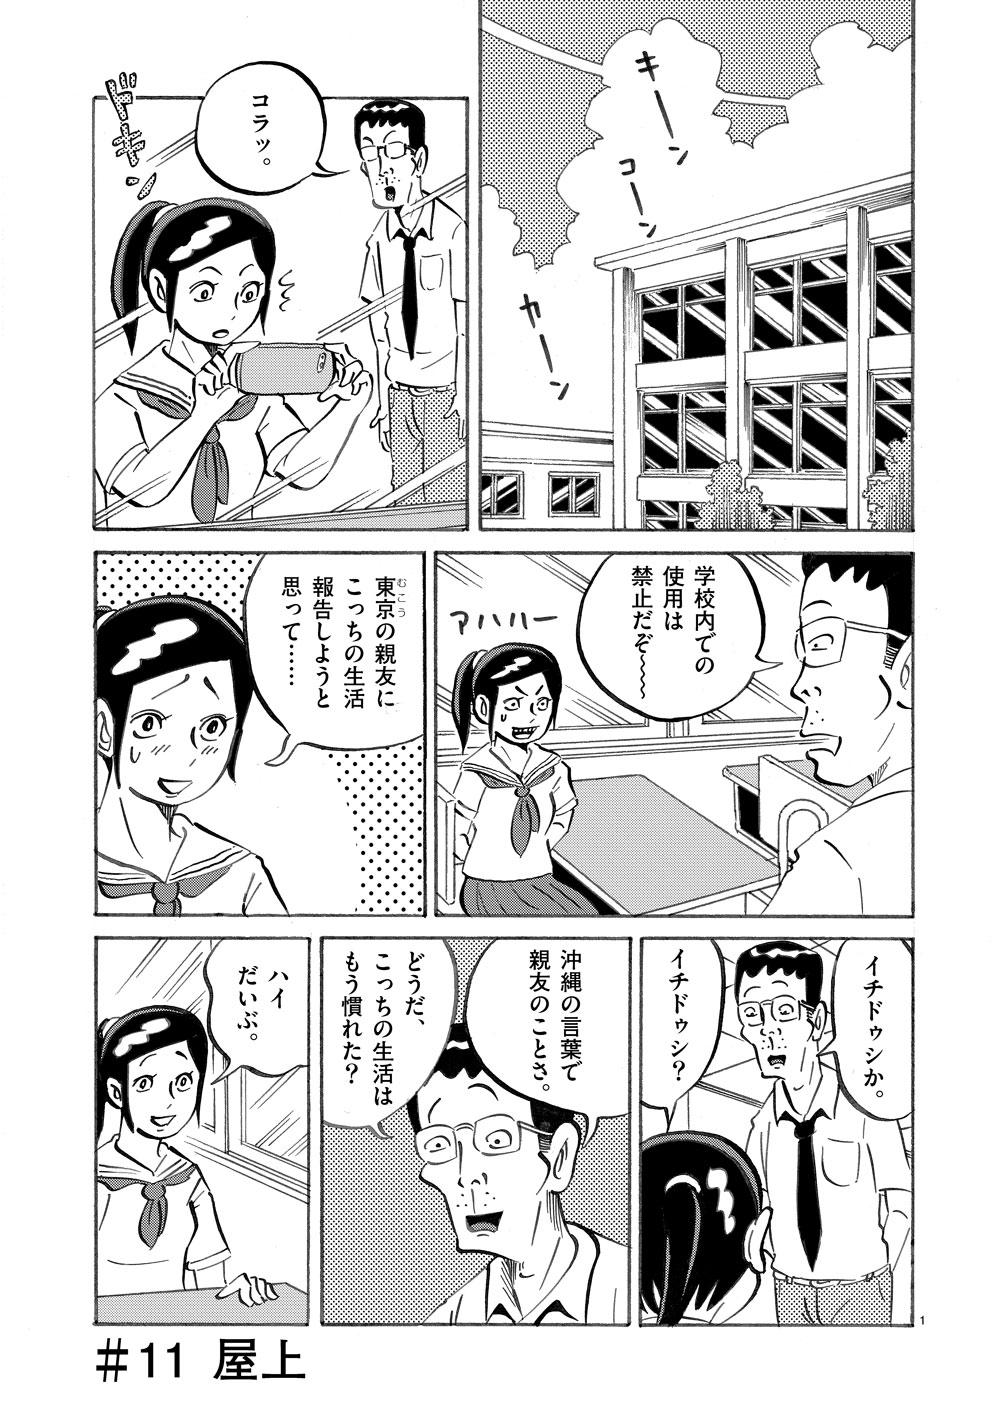 琉球怪談 【第11話】WEB掲載1ページ目画像